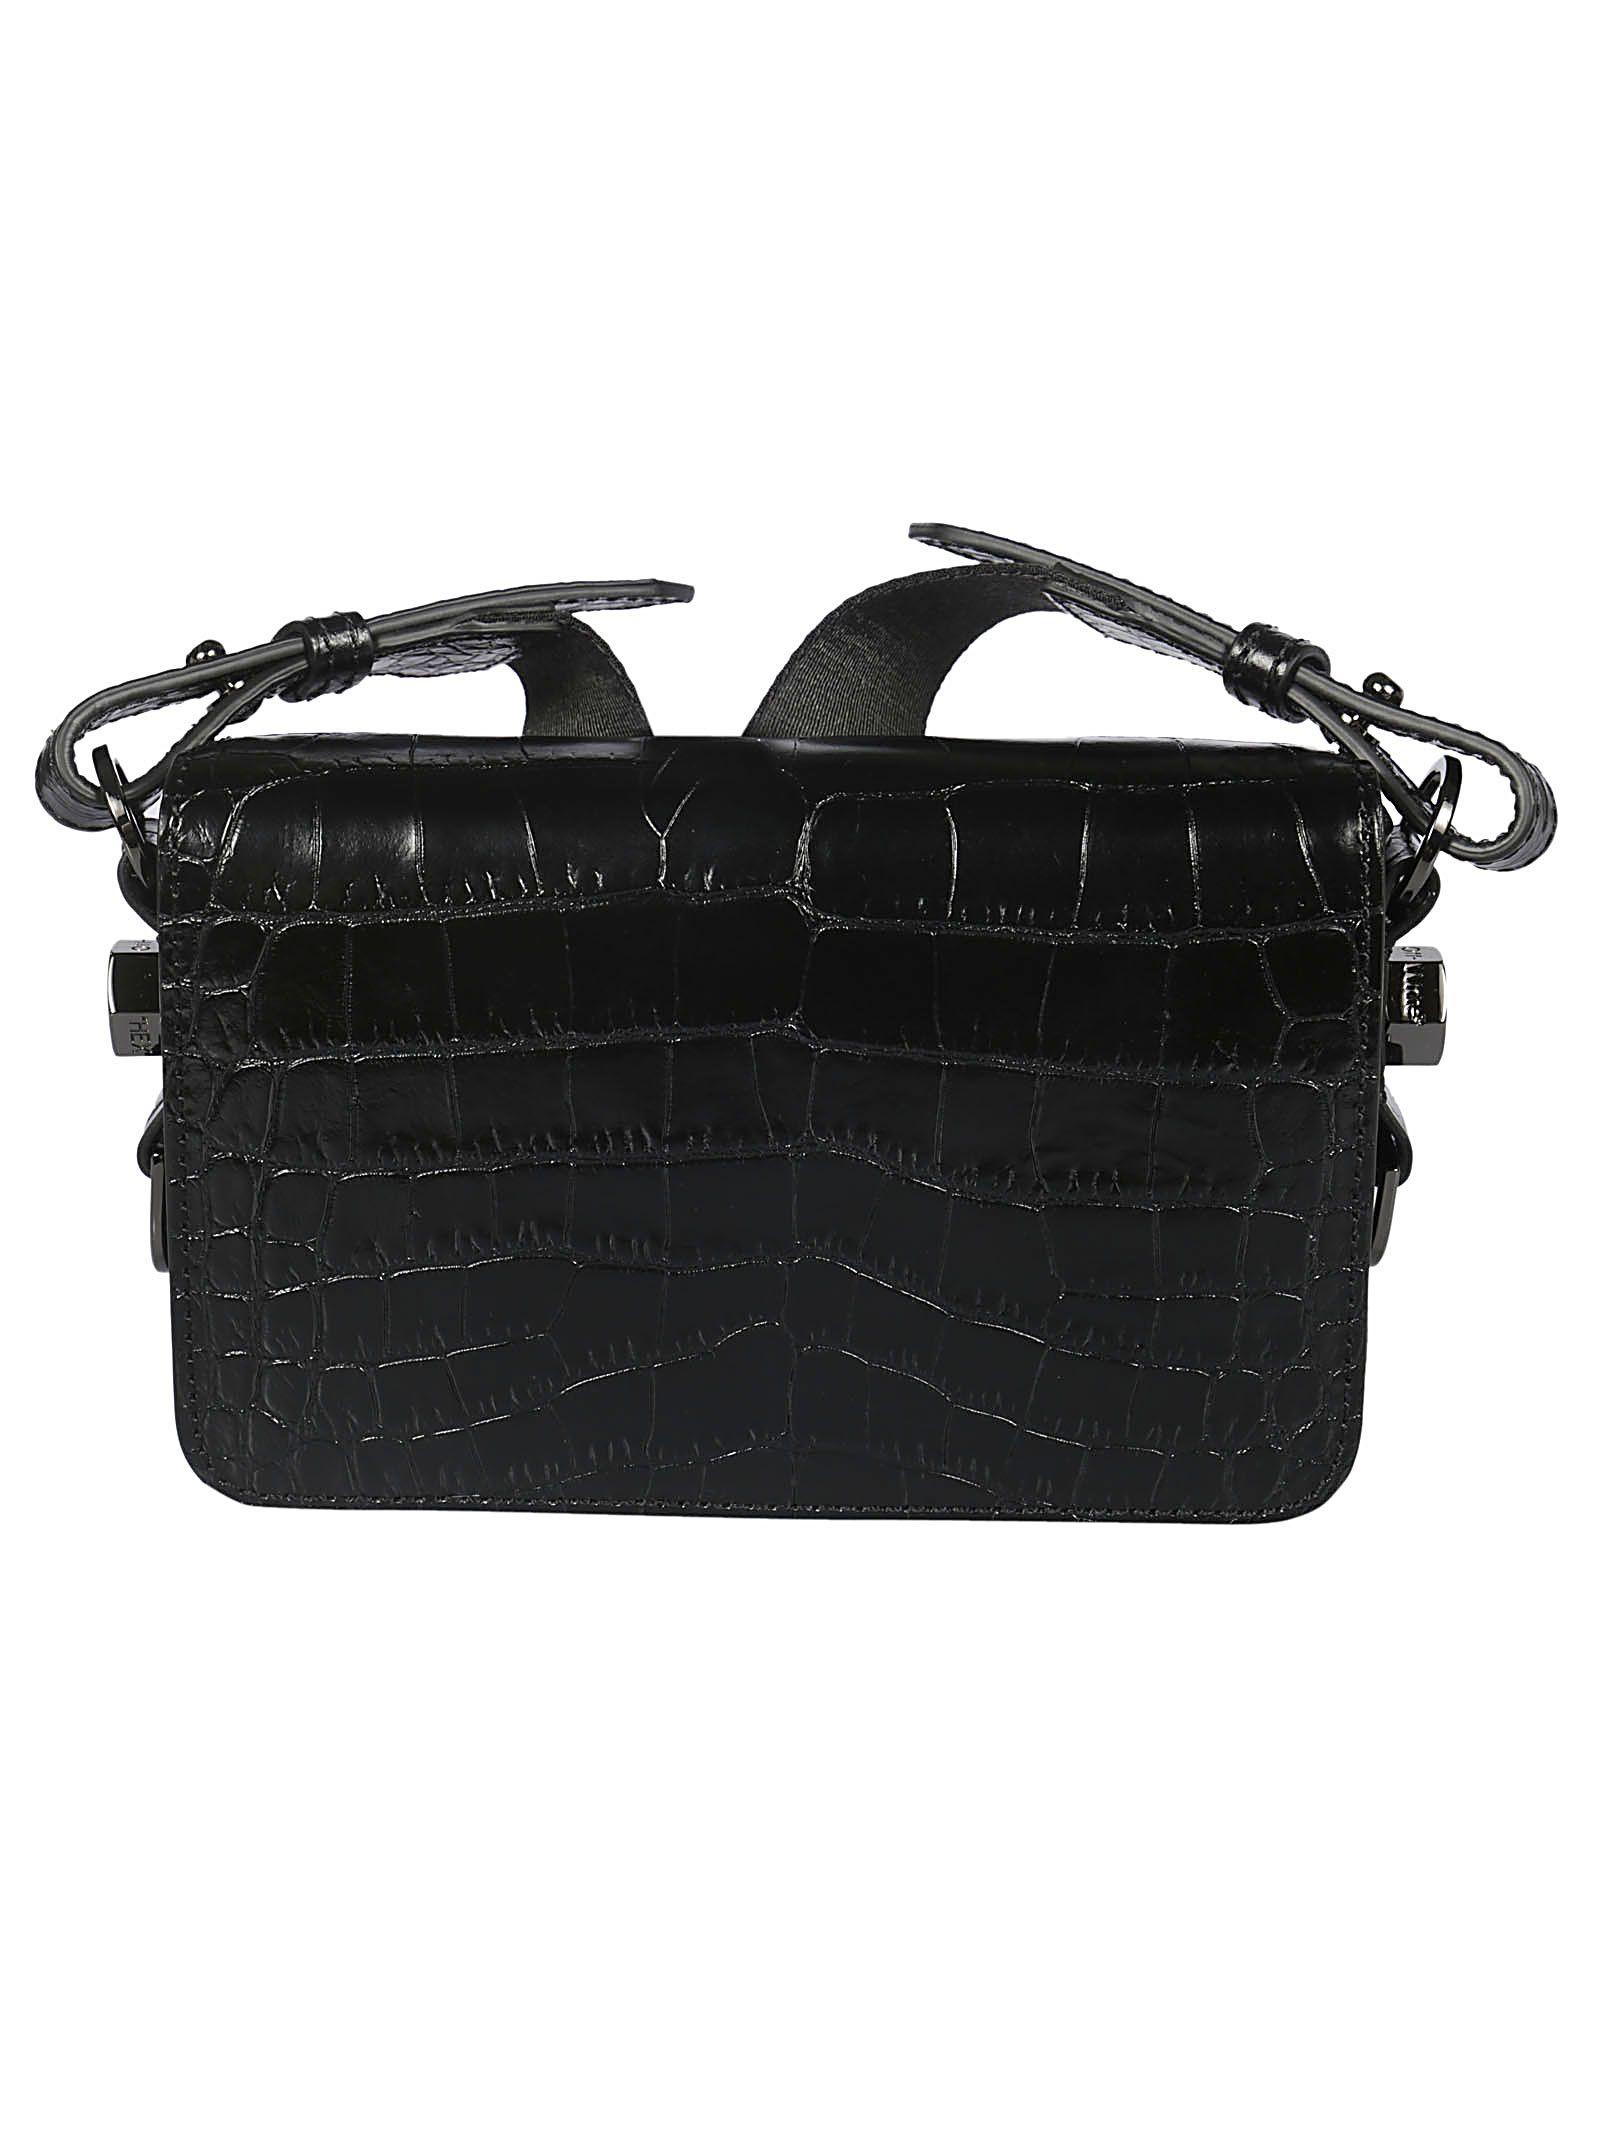 c36d99e922 Off-White Crocodile Embossed Shoulder Bag In Black No Color